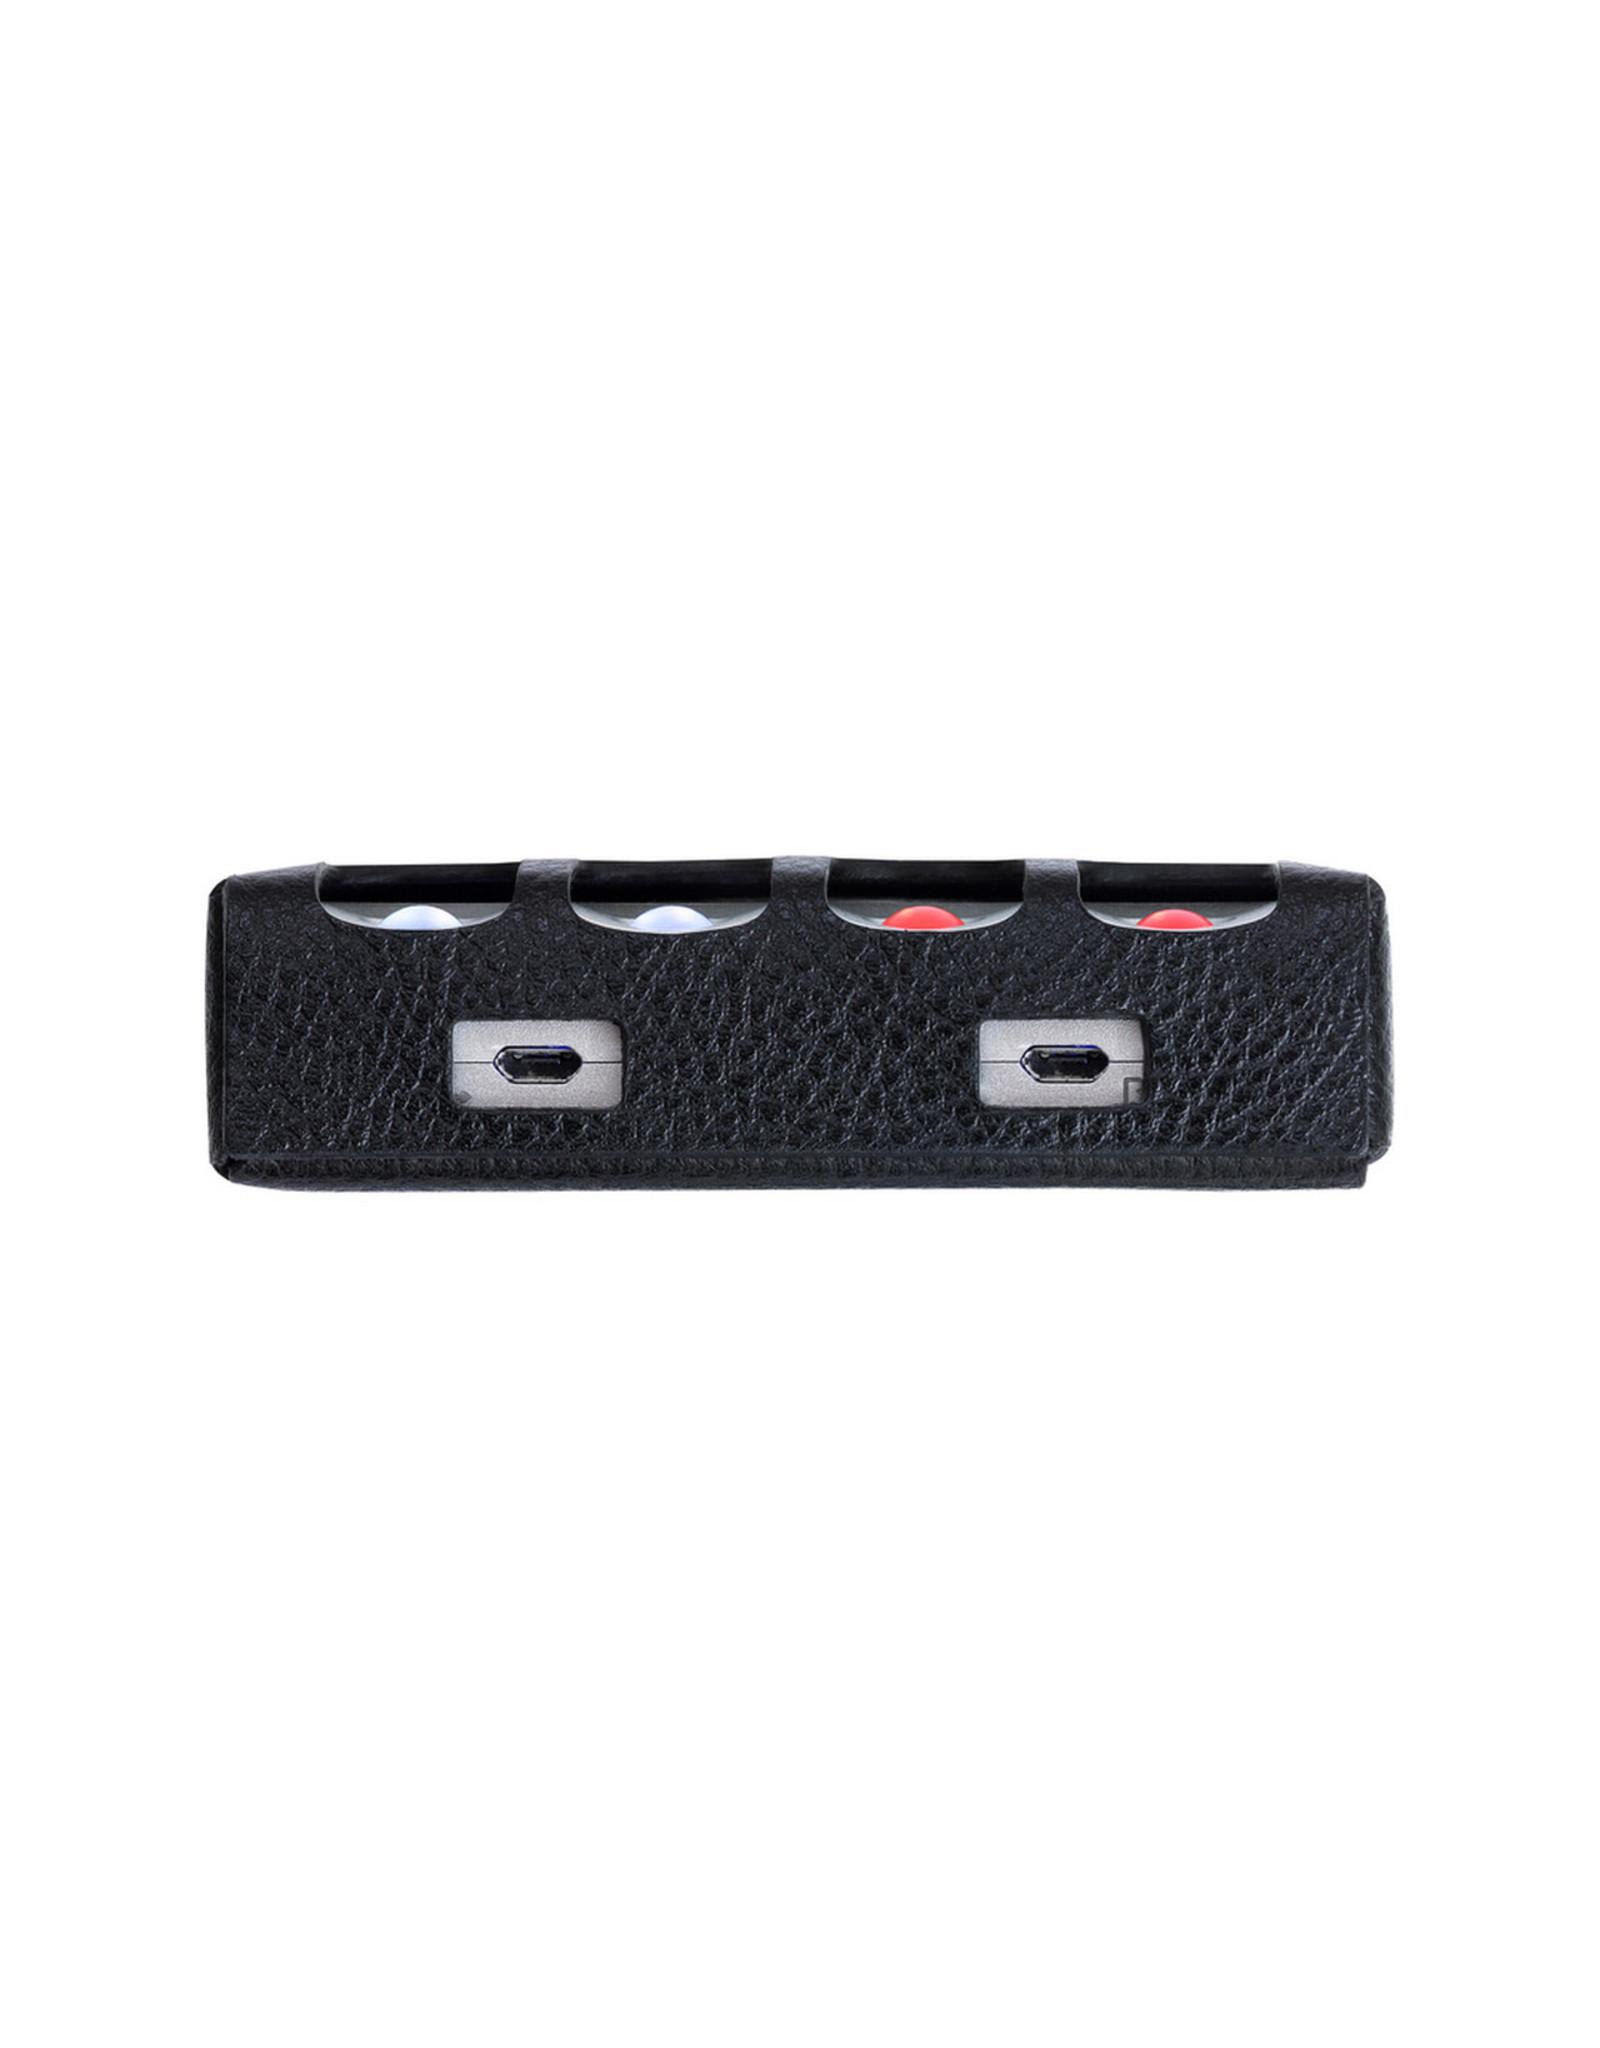 Chord Electronics Chord Electronics Hugo 2 Premium Leather Case